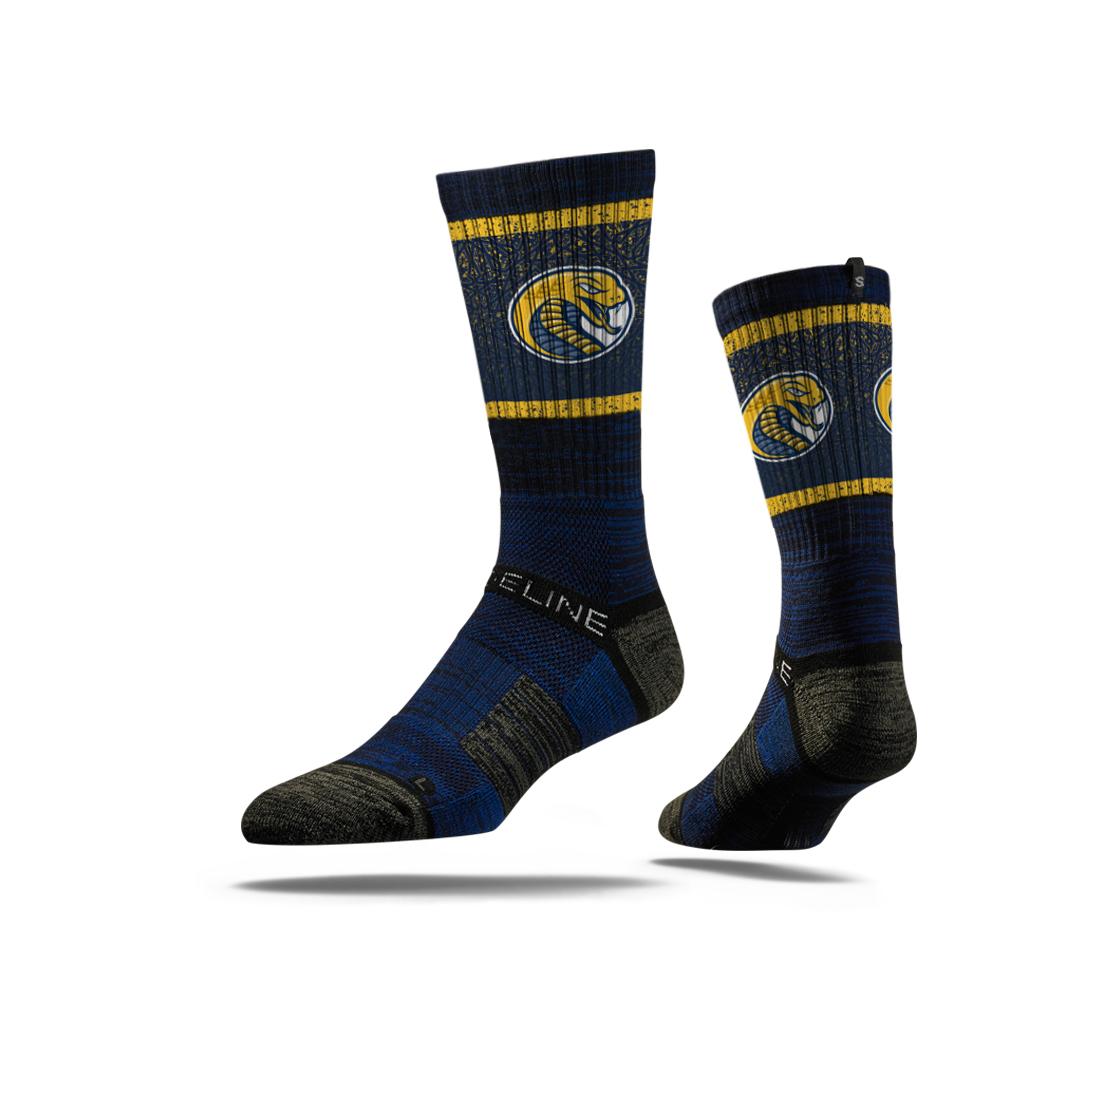 Socks NAVY STRIDELINE SOCKS